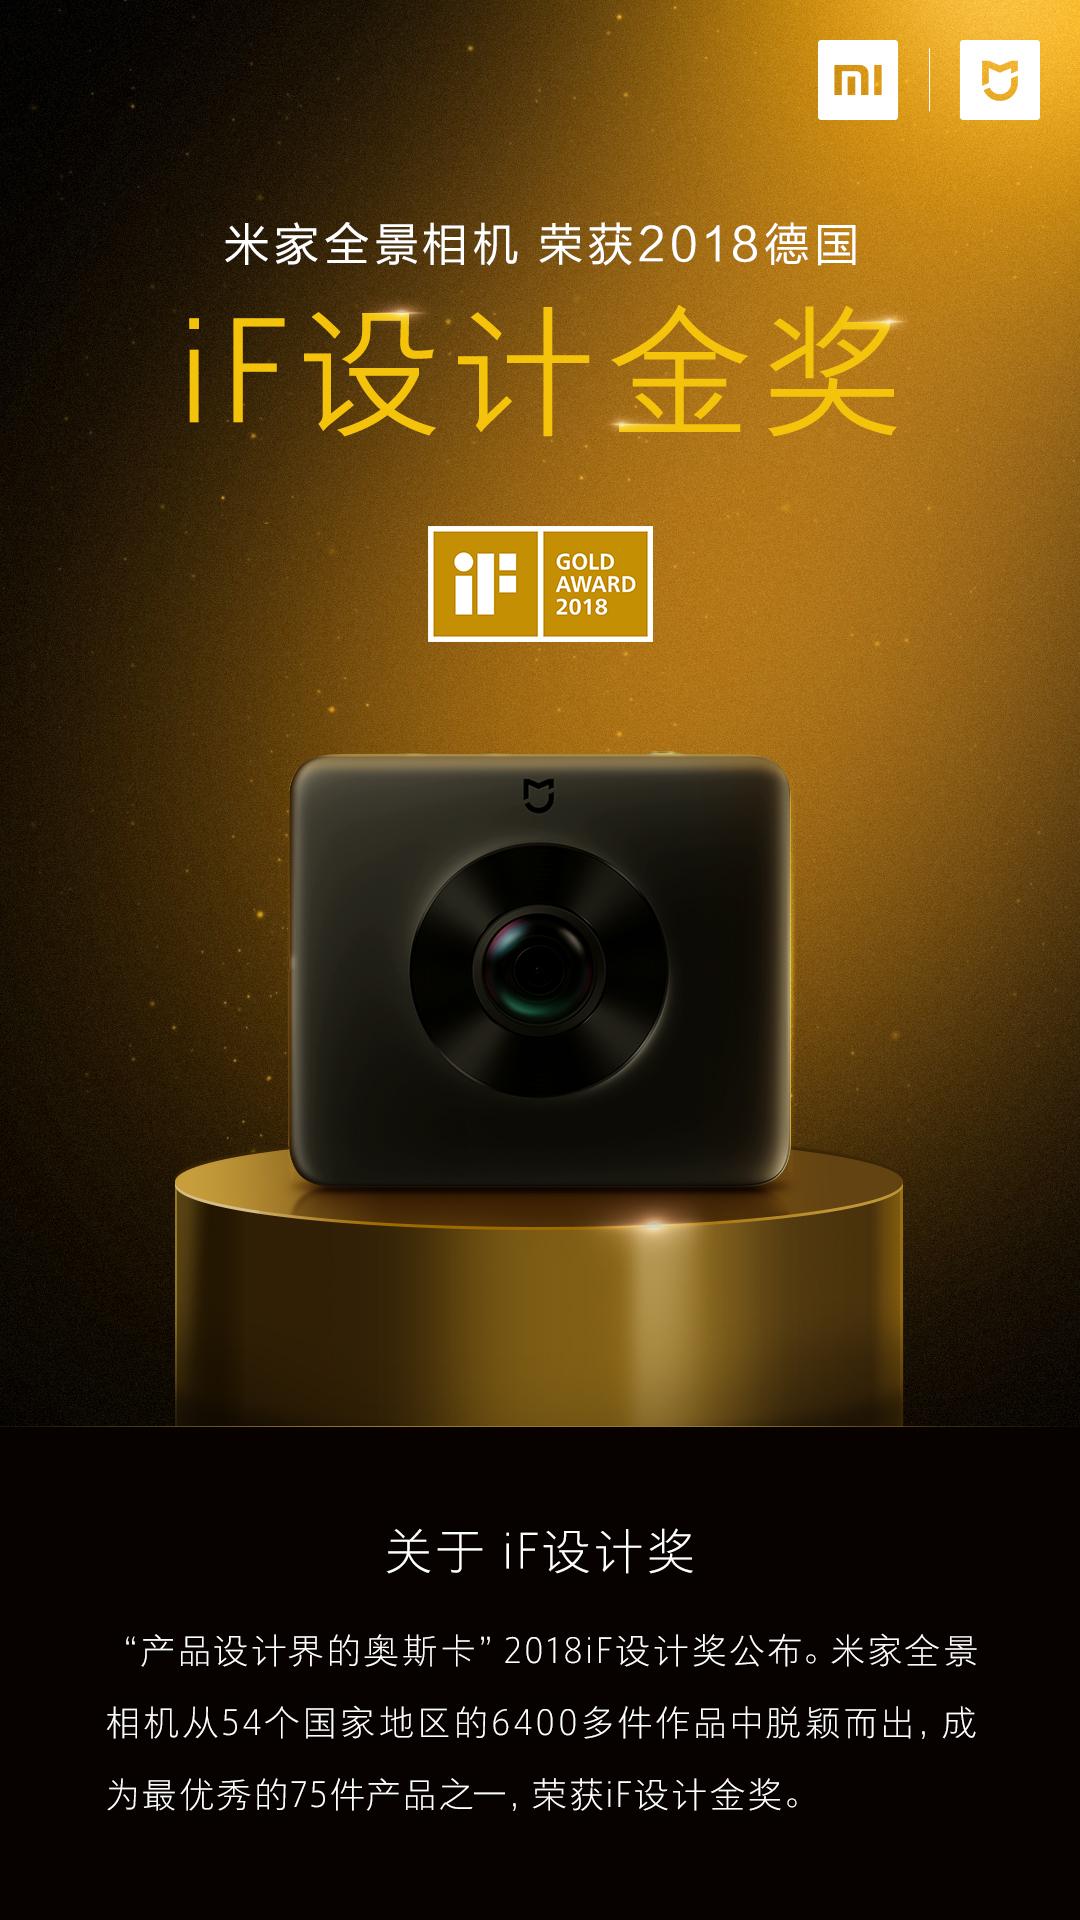 小米宣布:米家全景相机获2018年iF设计金奖